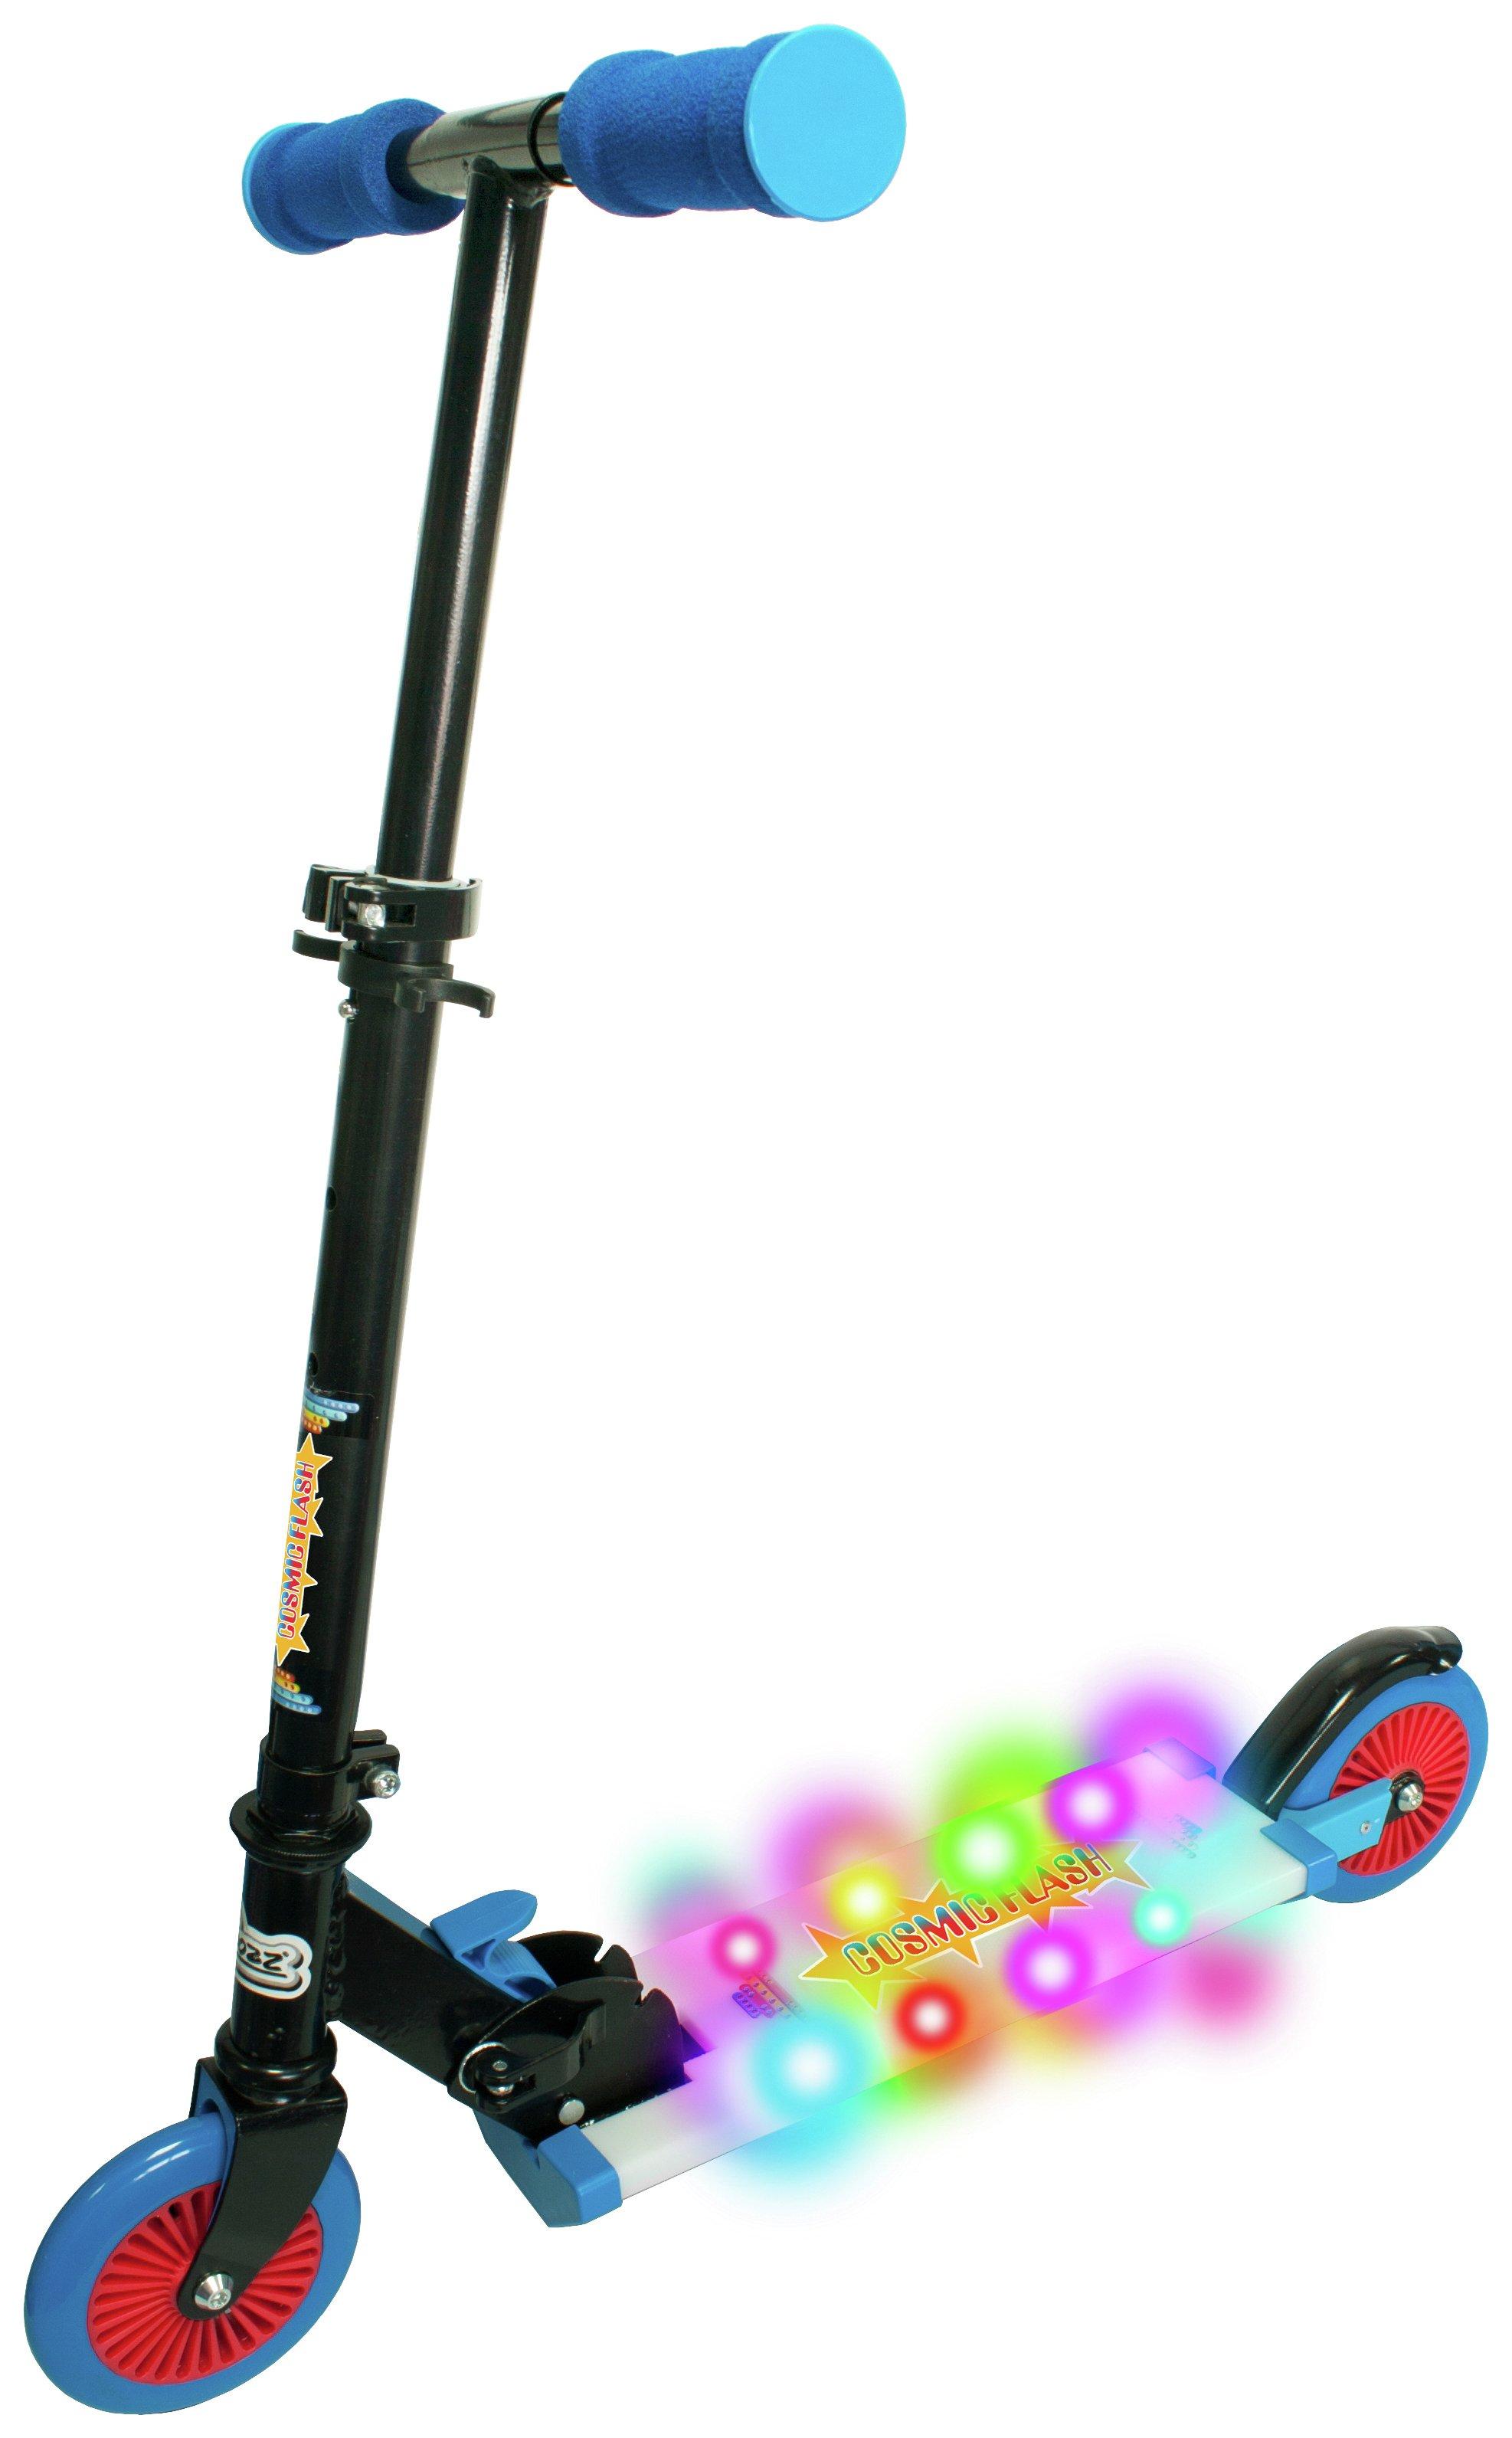 Ozbozz - Cosmic - Scooter- Light Blue